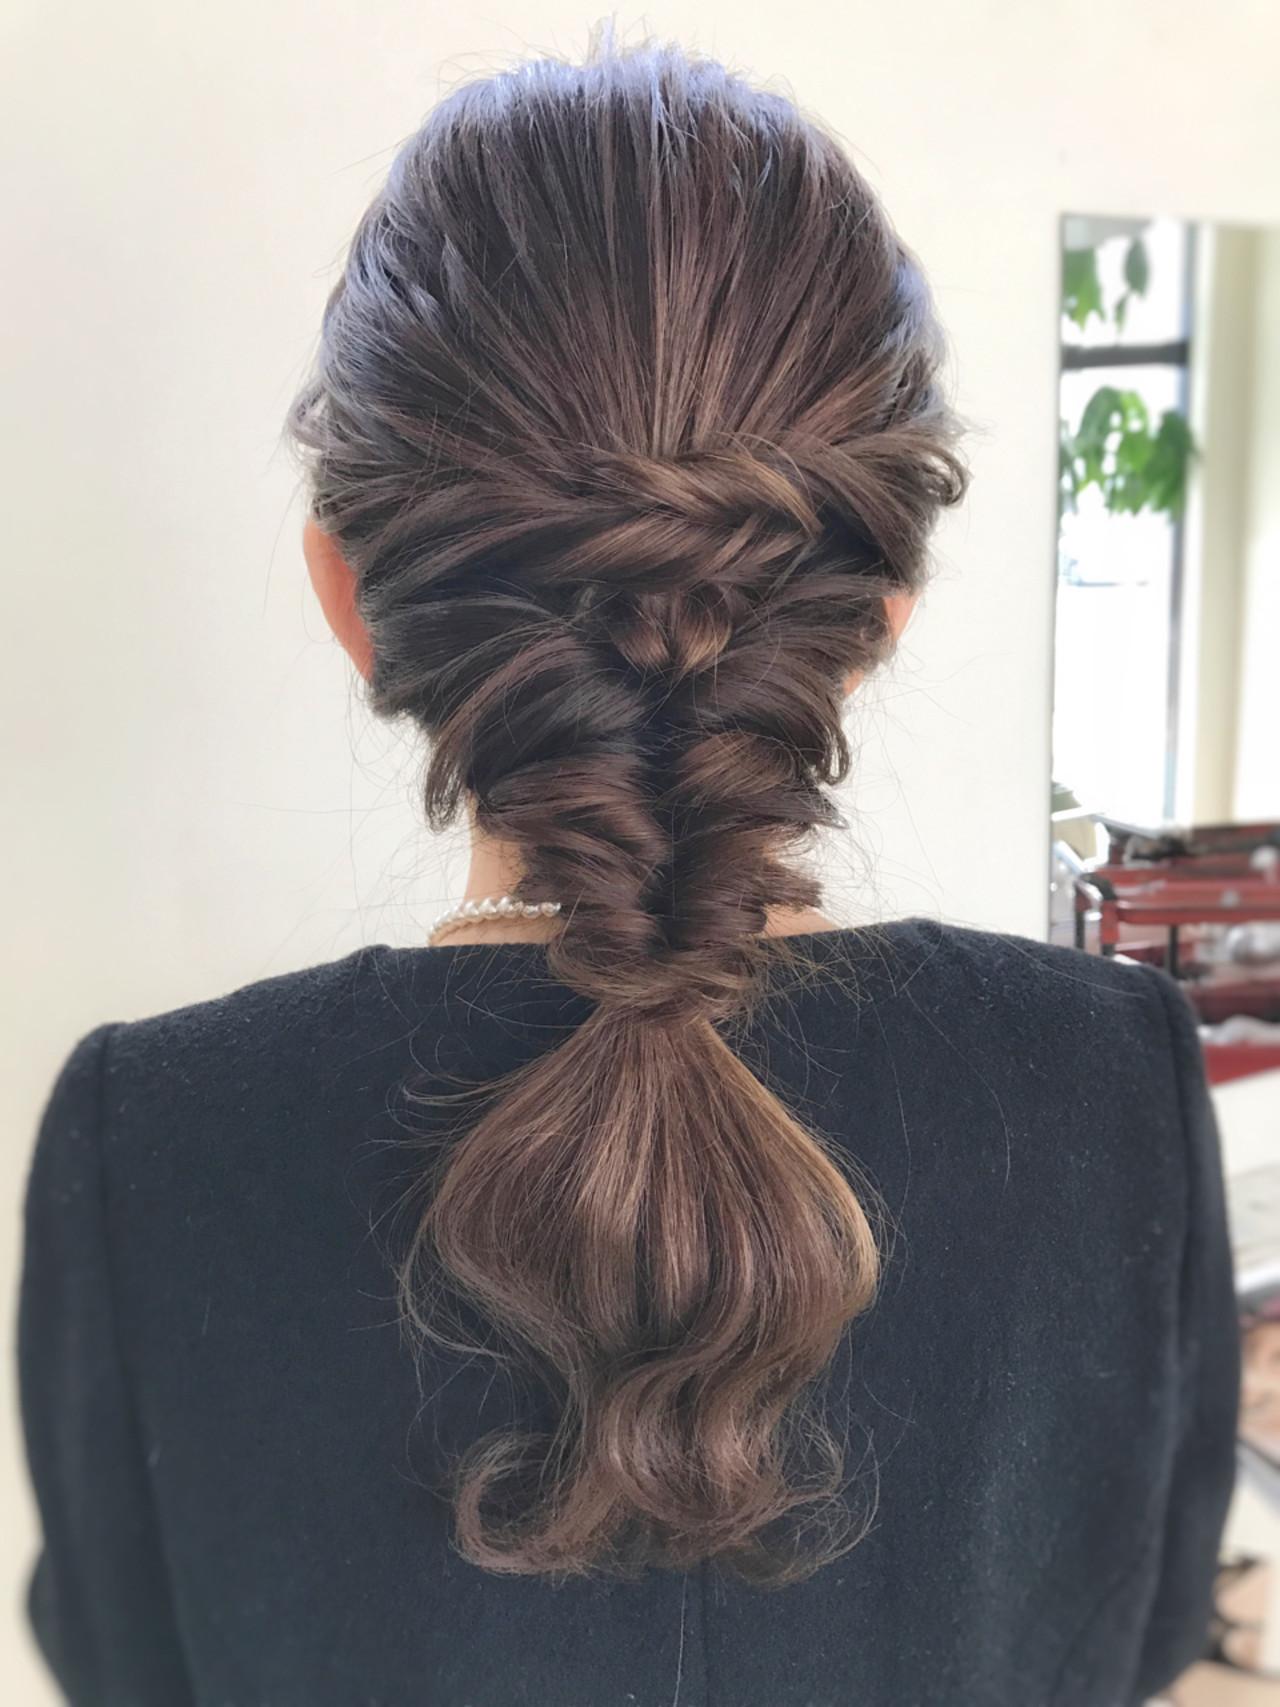 編み込み 結婚式 セミロング フェミニン ヘアスタイルや髪型の写真・画像 | サワ / Seamu